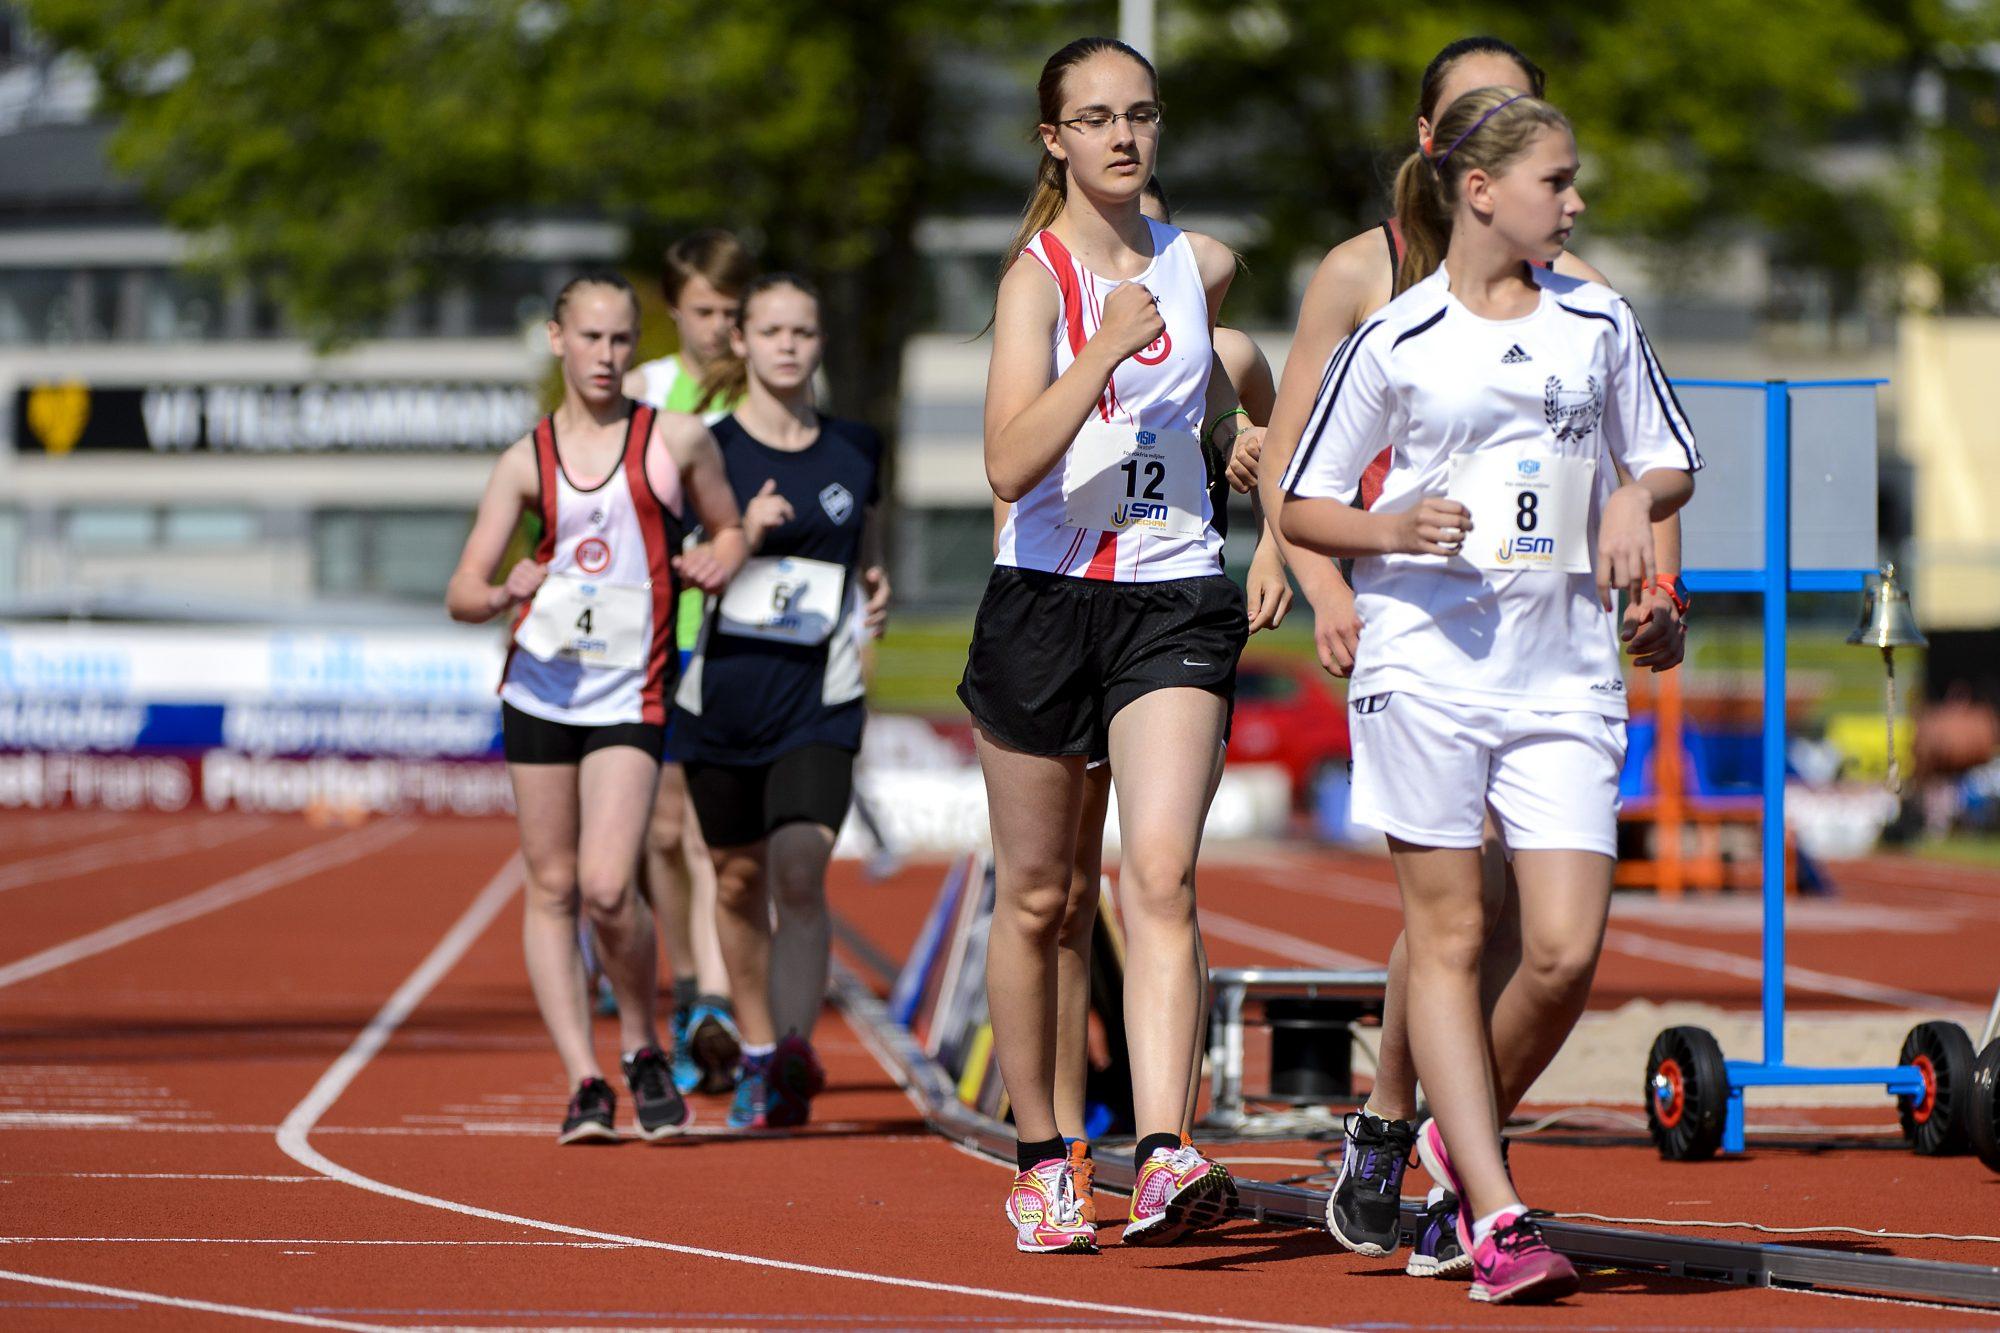 Irma Östervall, Fredrikshofs IF, och Miranda Cobbs, SK Svängen, tävlar i gång över 3000 m under dag sex av SM-veckan den 5 juli 2014 i Borås.